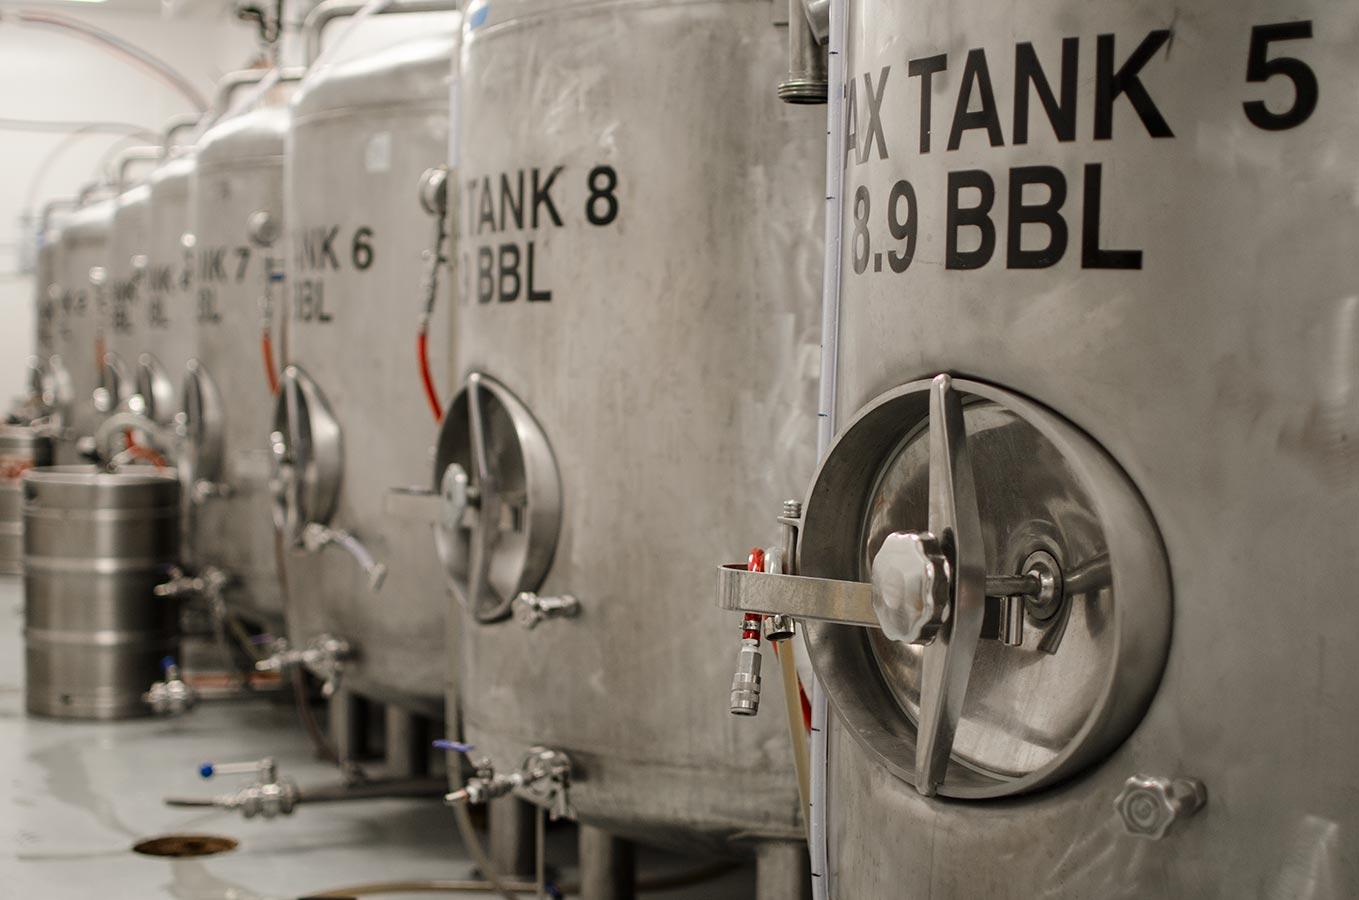 gallery7-Brite-Tanks-Stormcloud-Brewing.jpg